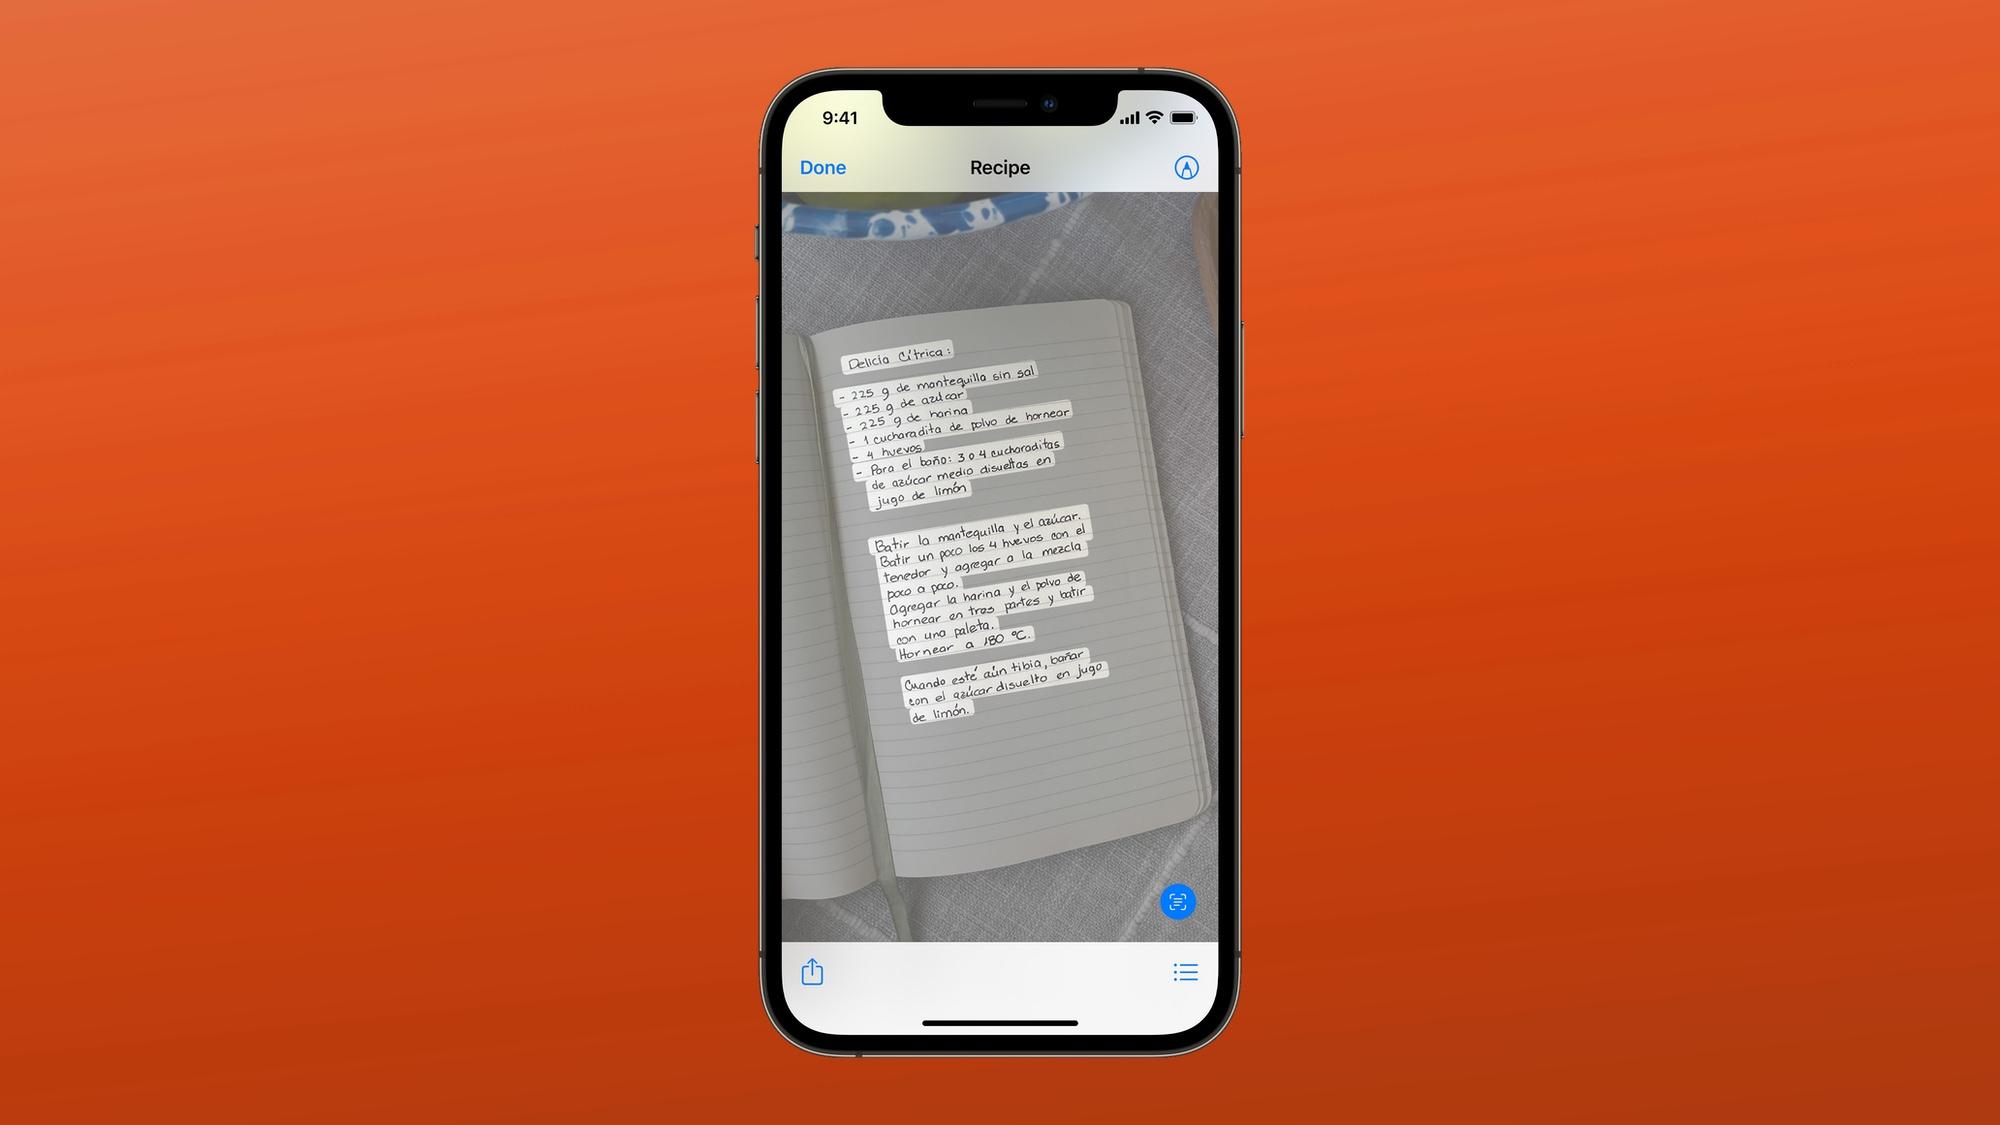 iOS 15 live text